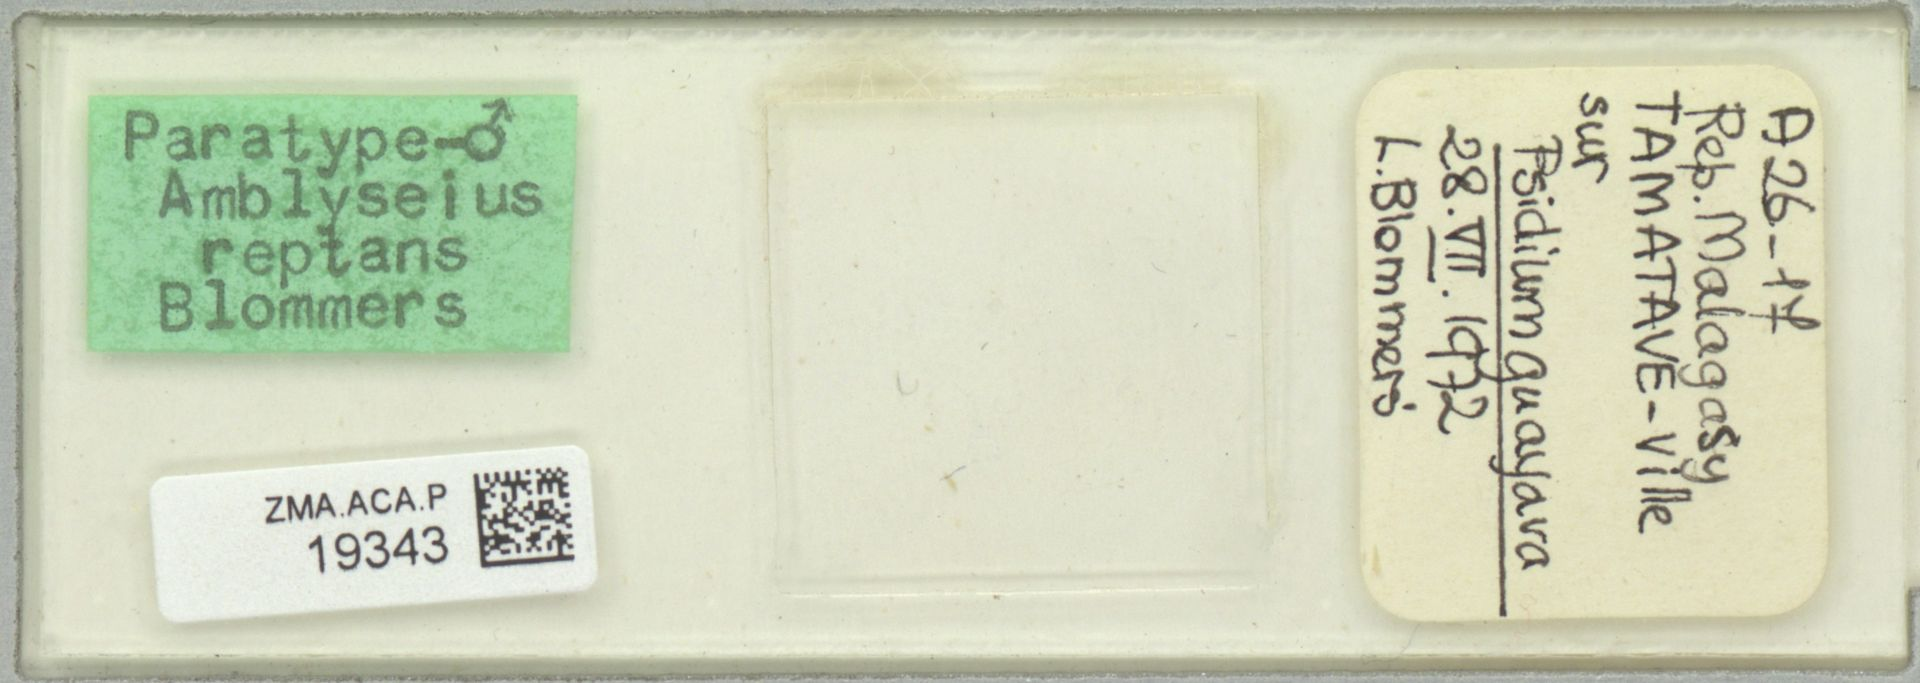 ZMA.ACA.P.19343 | Amblyseius reptans Blommers, 1974